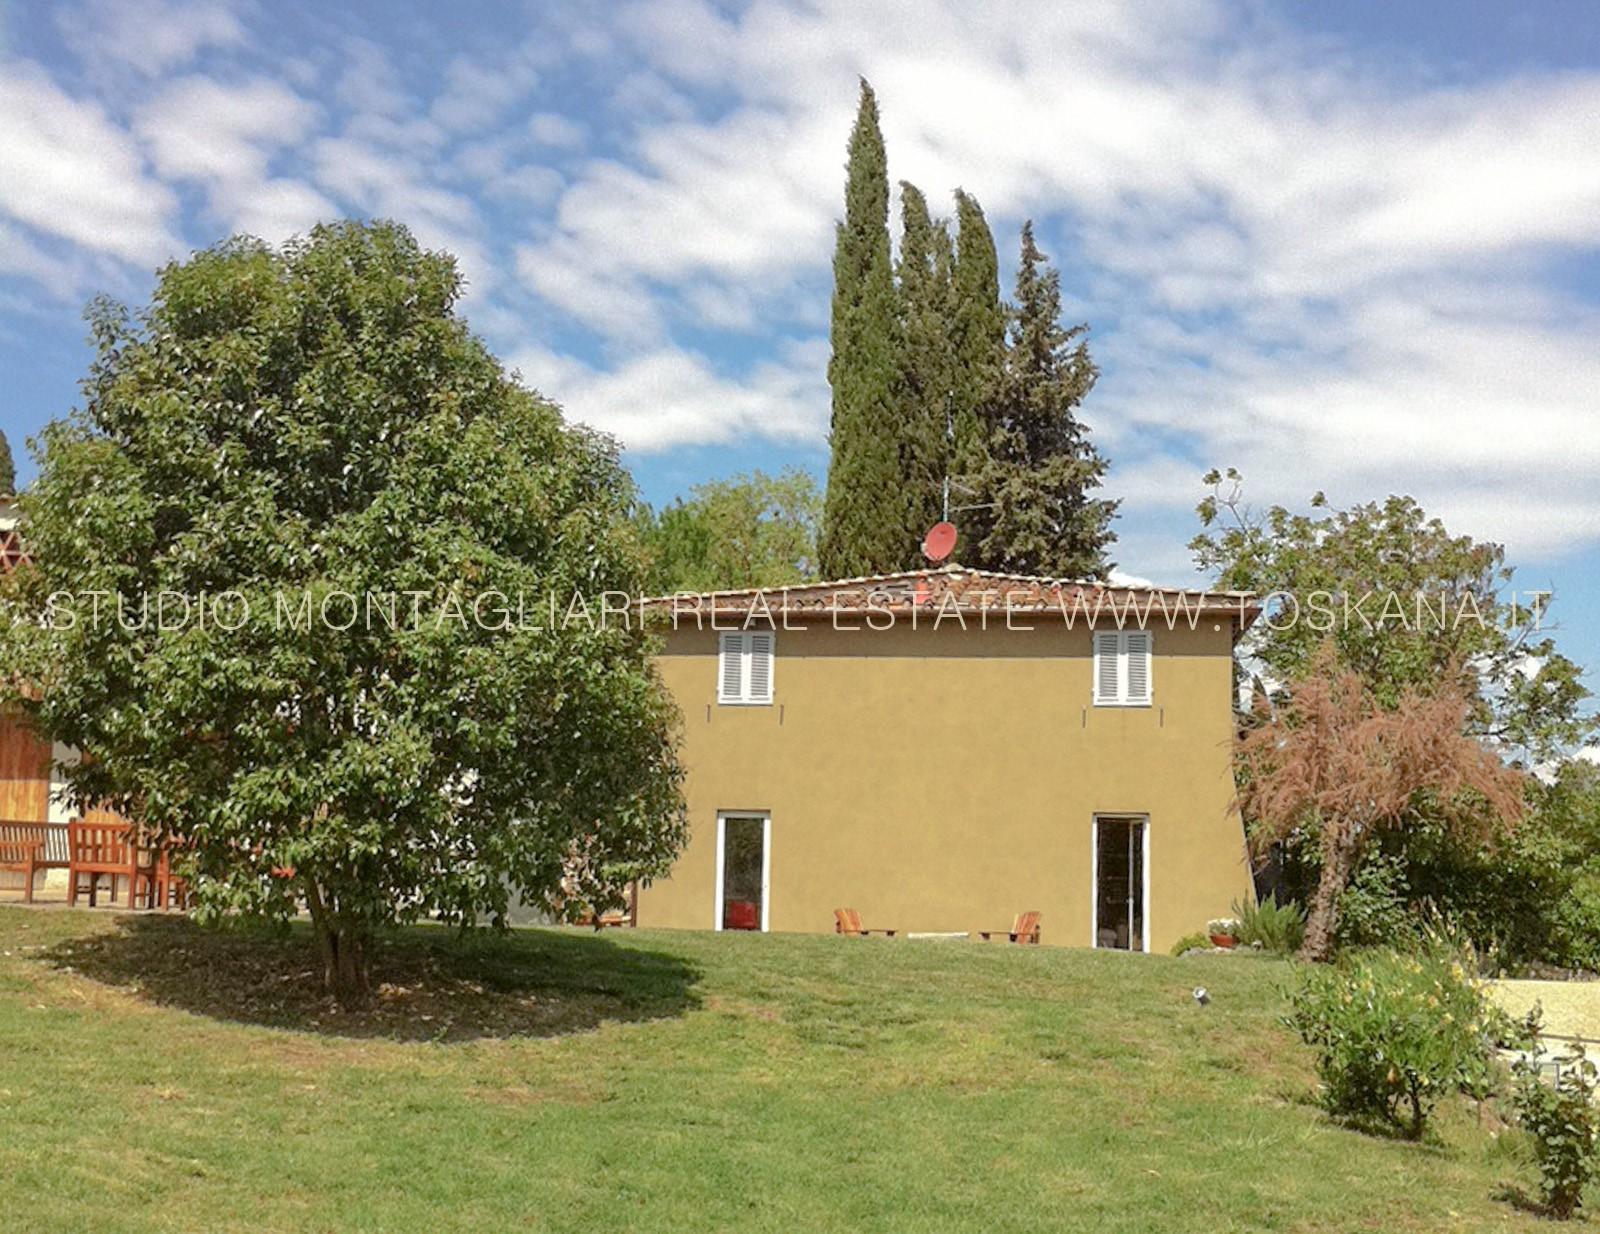 Casa indipendente con giardino in vendita a firenze porta - Case in vendita con giardino firenze ...